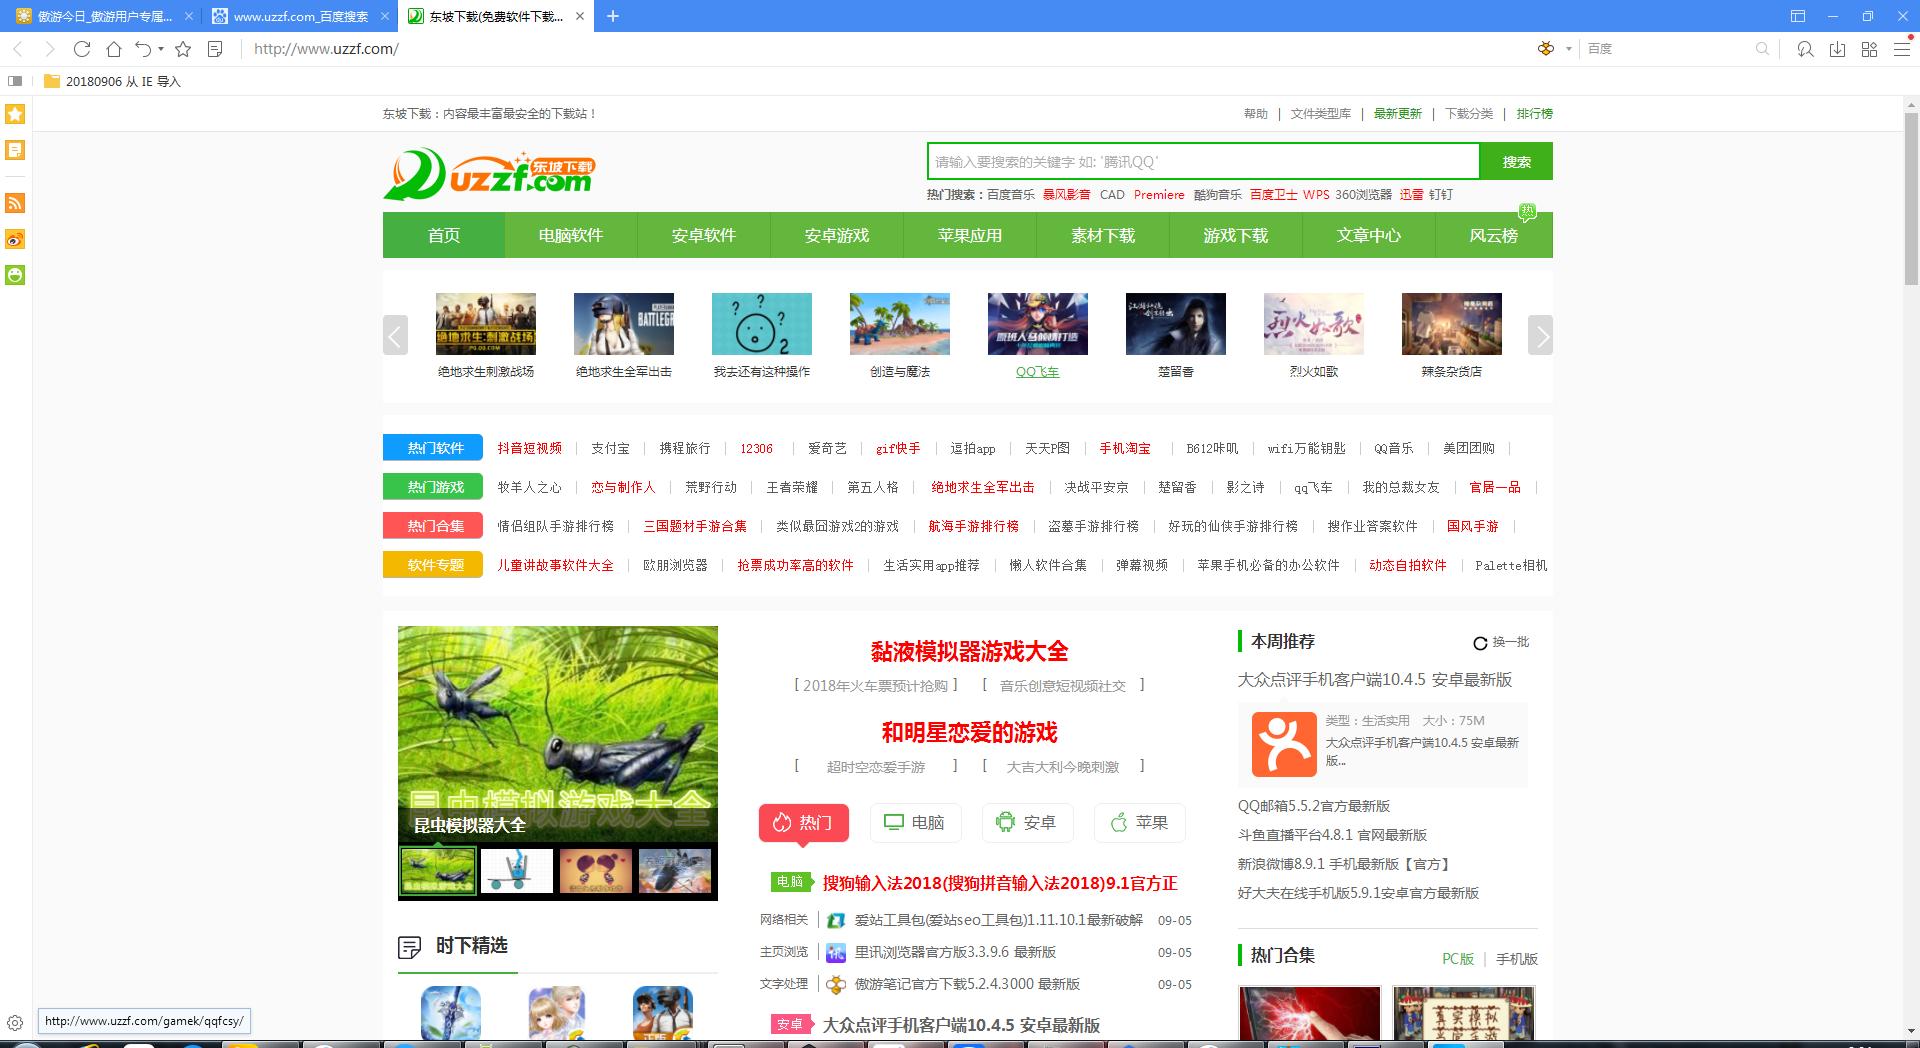 傲游浏览器官方下载(傲游云浏览器)截图1